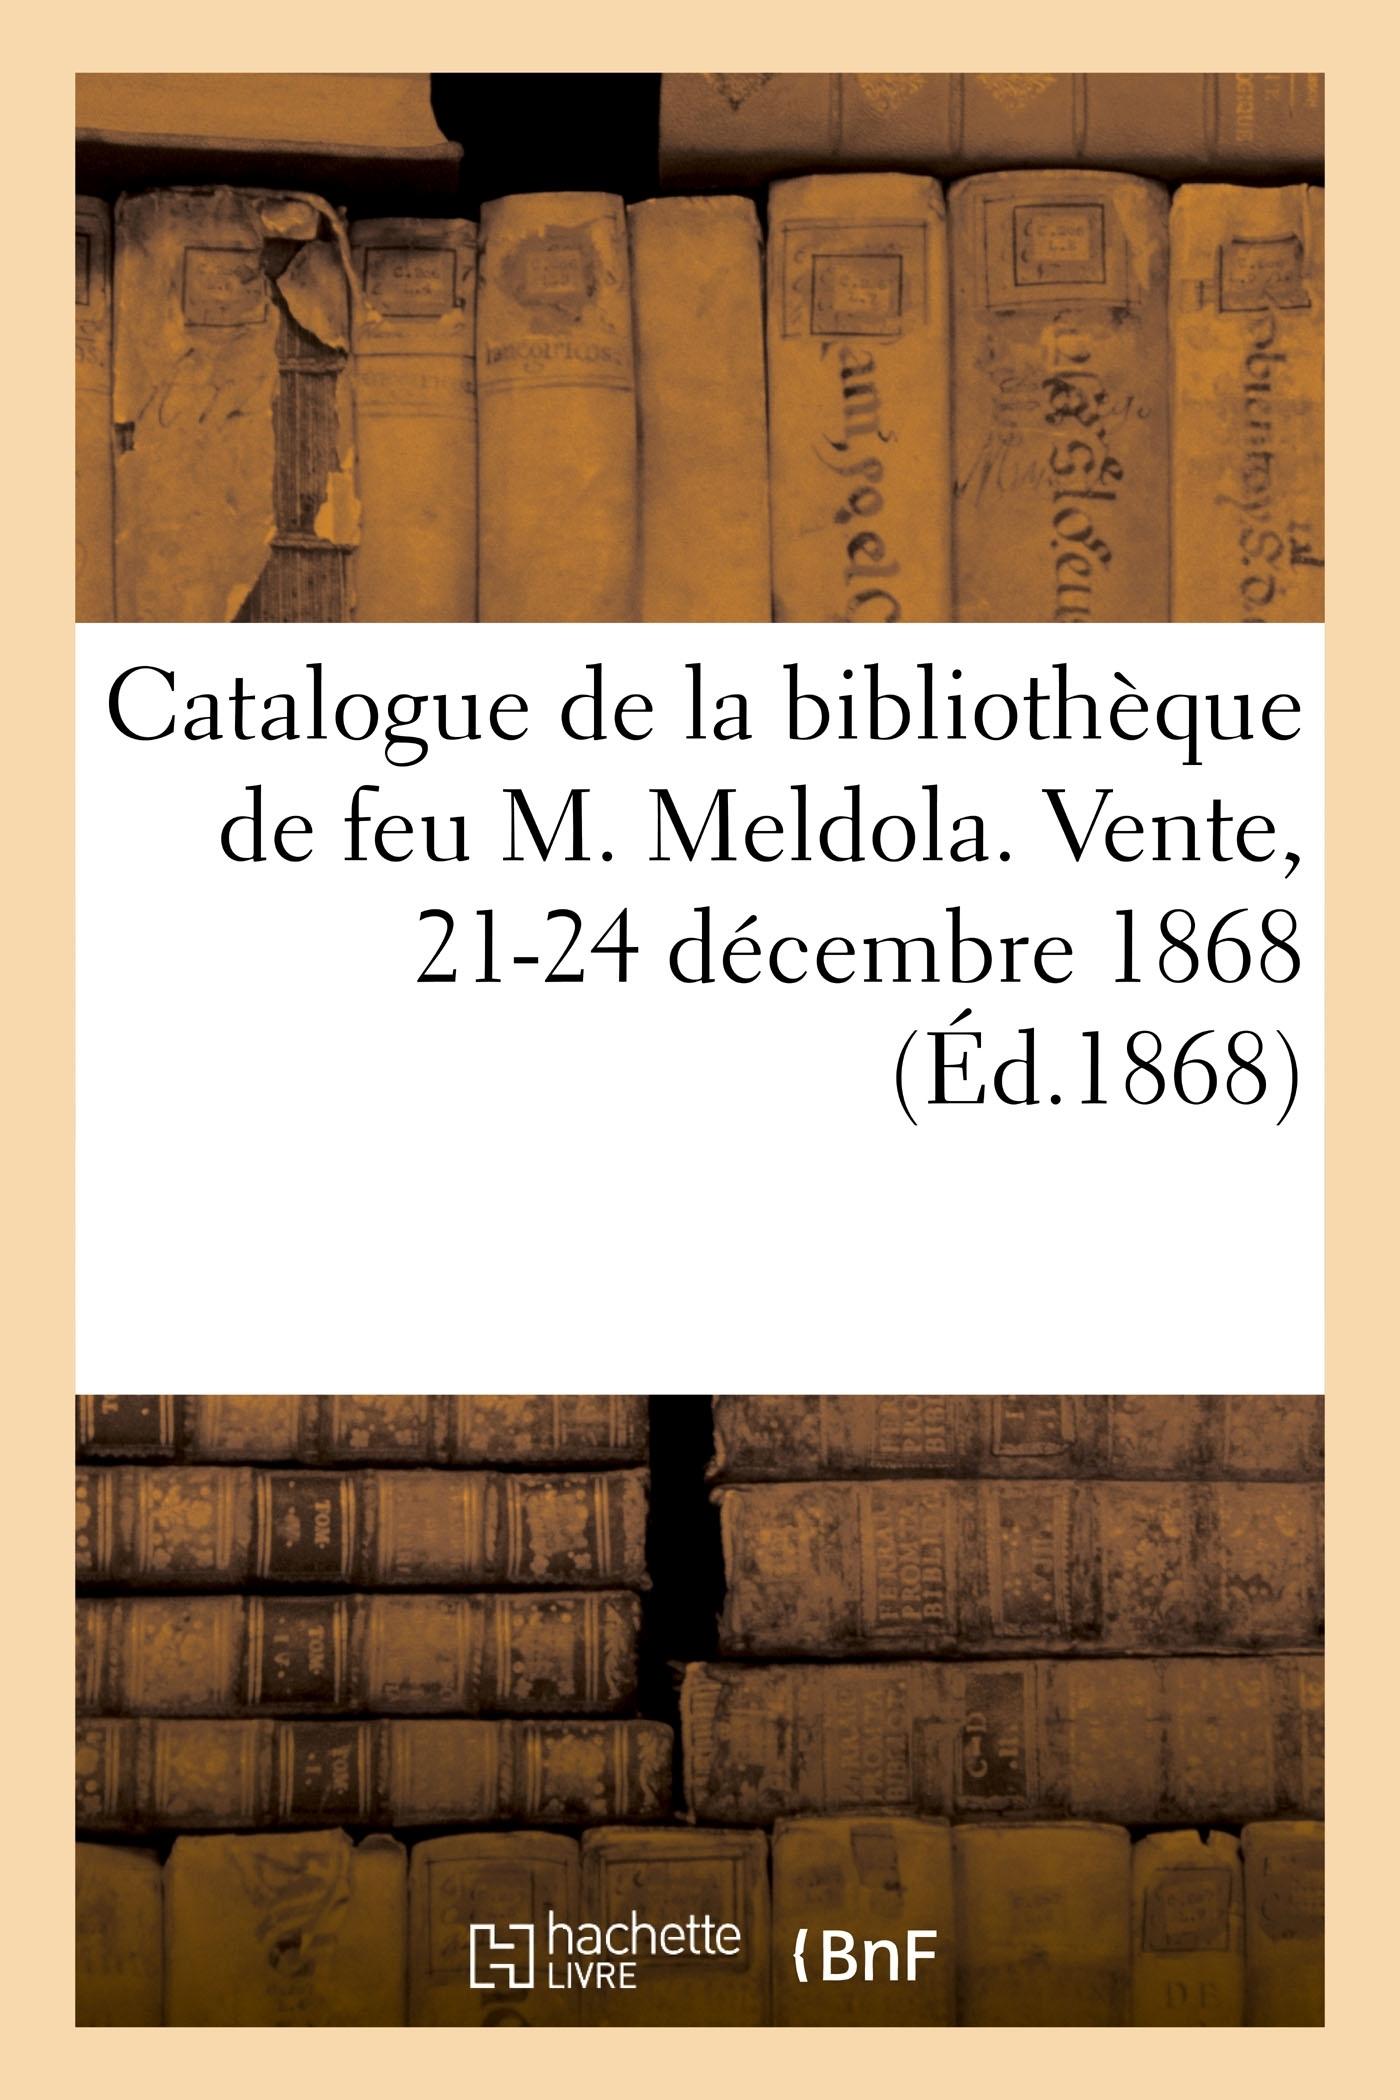 CATALOGUE DES LIVRES DE LINGUISTIQUE ET D'HISTOIRE COMPOSANT LA BIBLIOTHEQUE DE FEU M. MELDOLA - INT